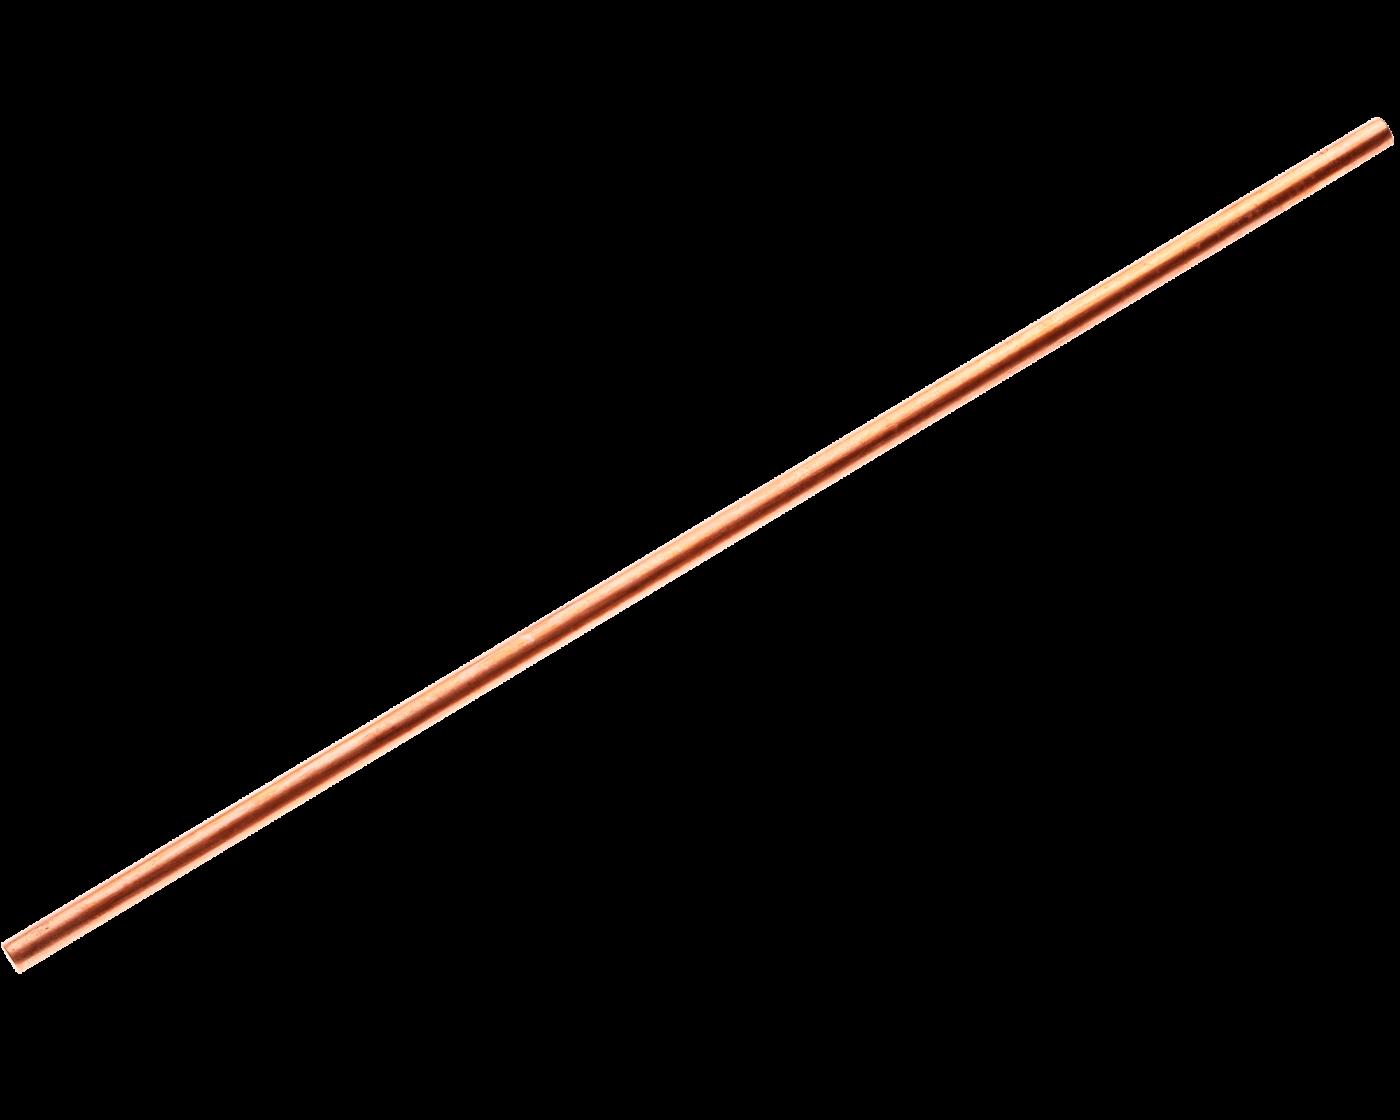 """ER0850 Electrode Rod<br>1/4"""" OD, 12"""" Length <br> GLIDCOP"""